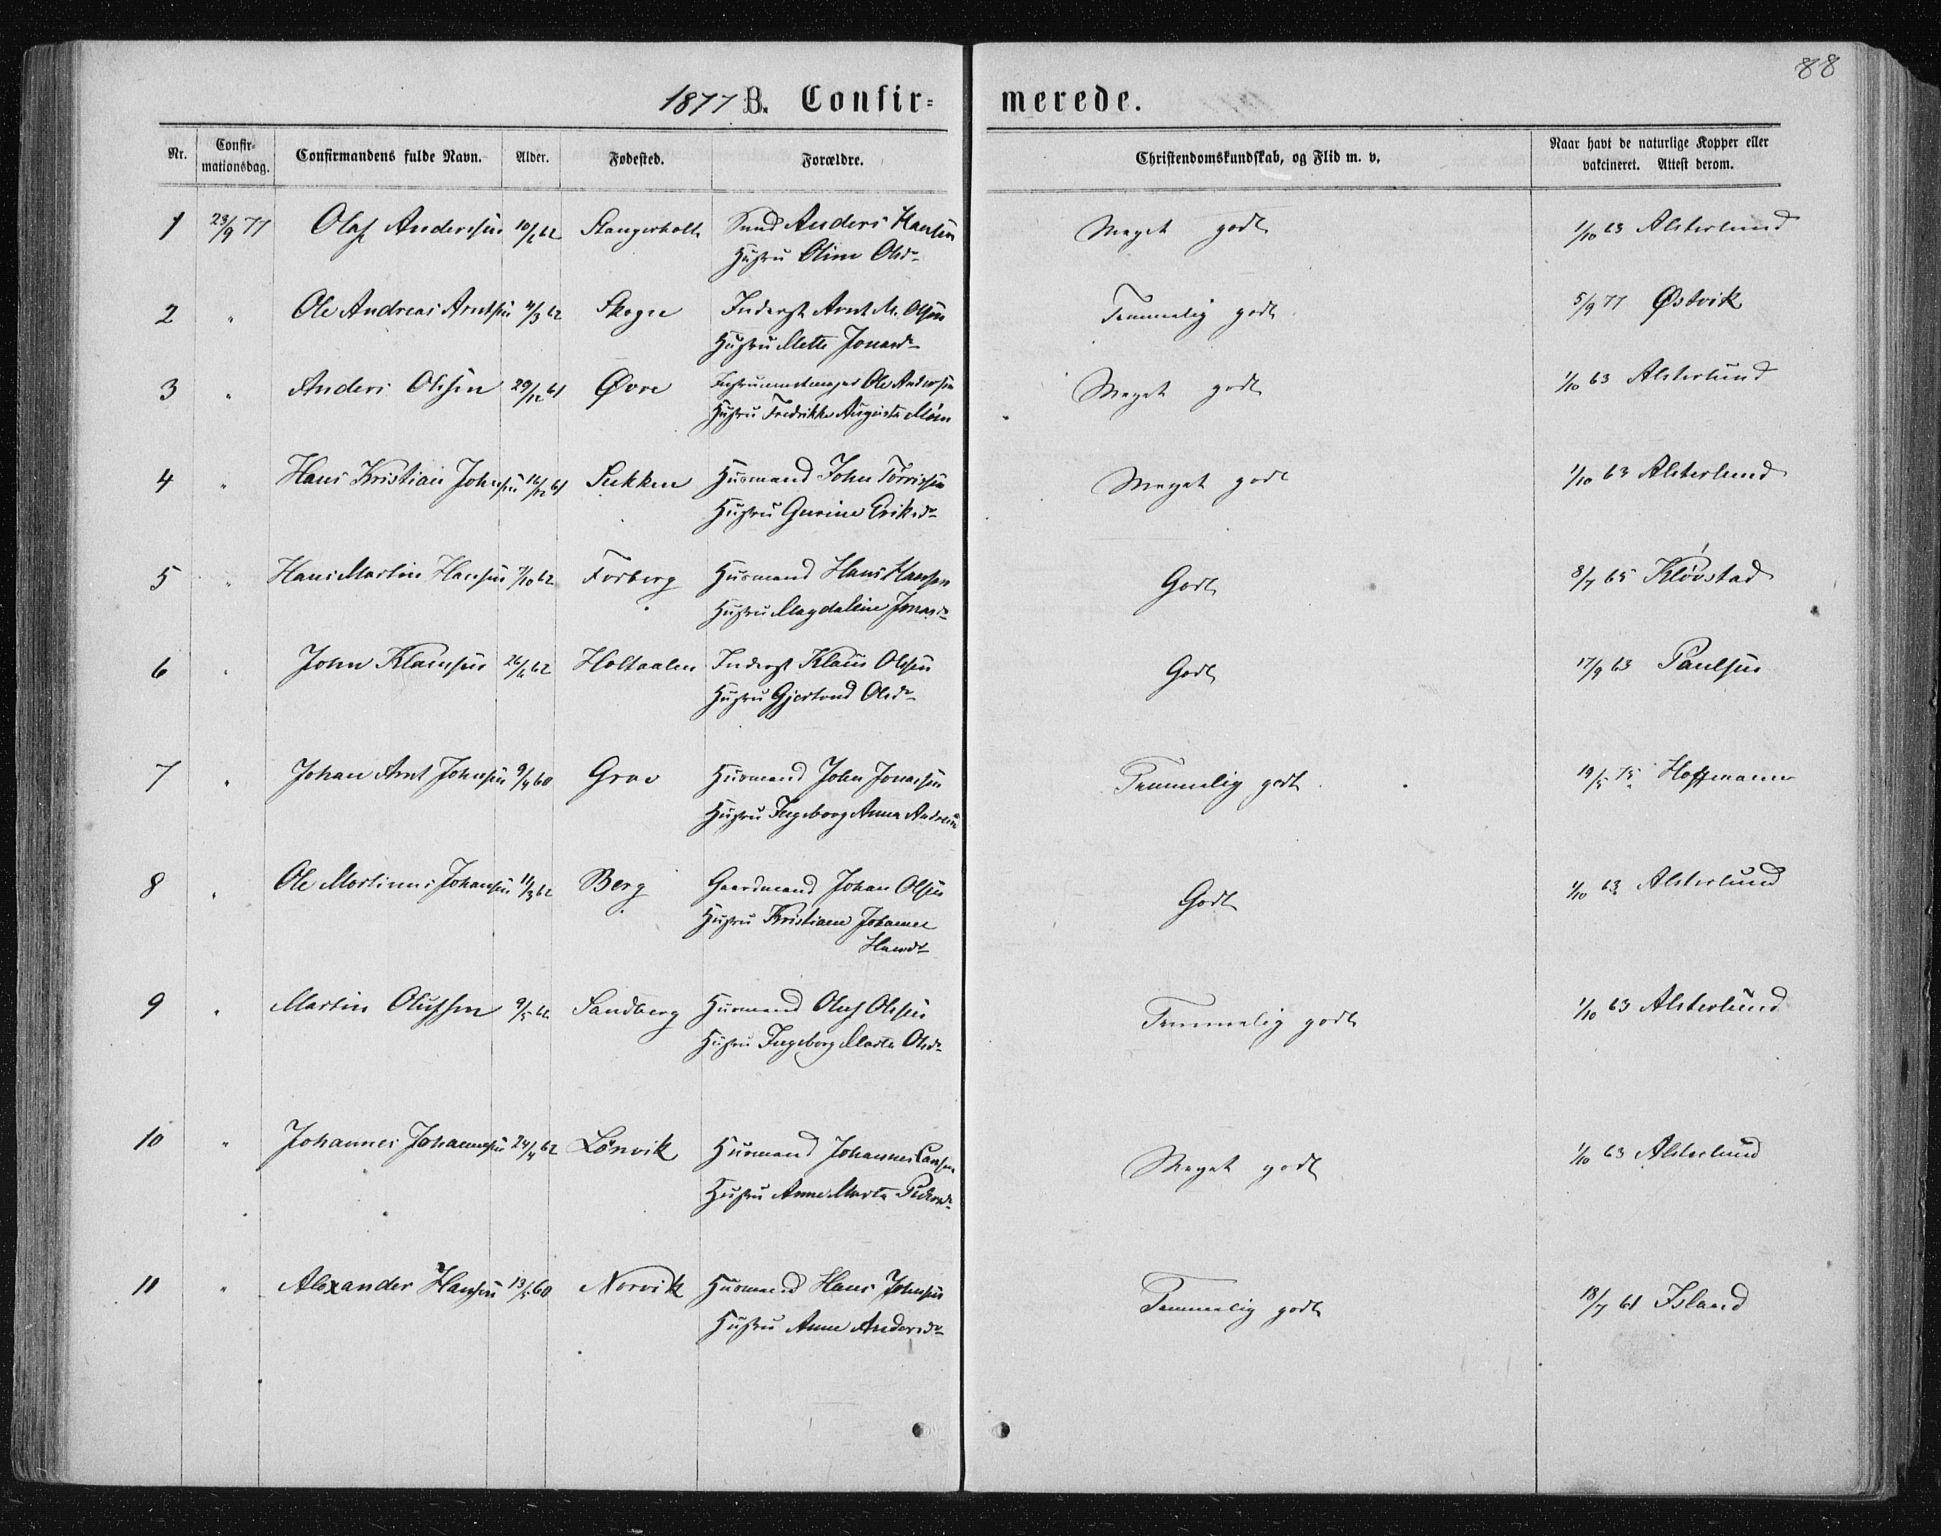 SAT, Ministerialprotokoller, klokkerbøker og fødselsregistre - Nord-Trøndelag, 722/L0219: Ministerialbok nr. 722A06, 1868-1880, s. 88